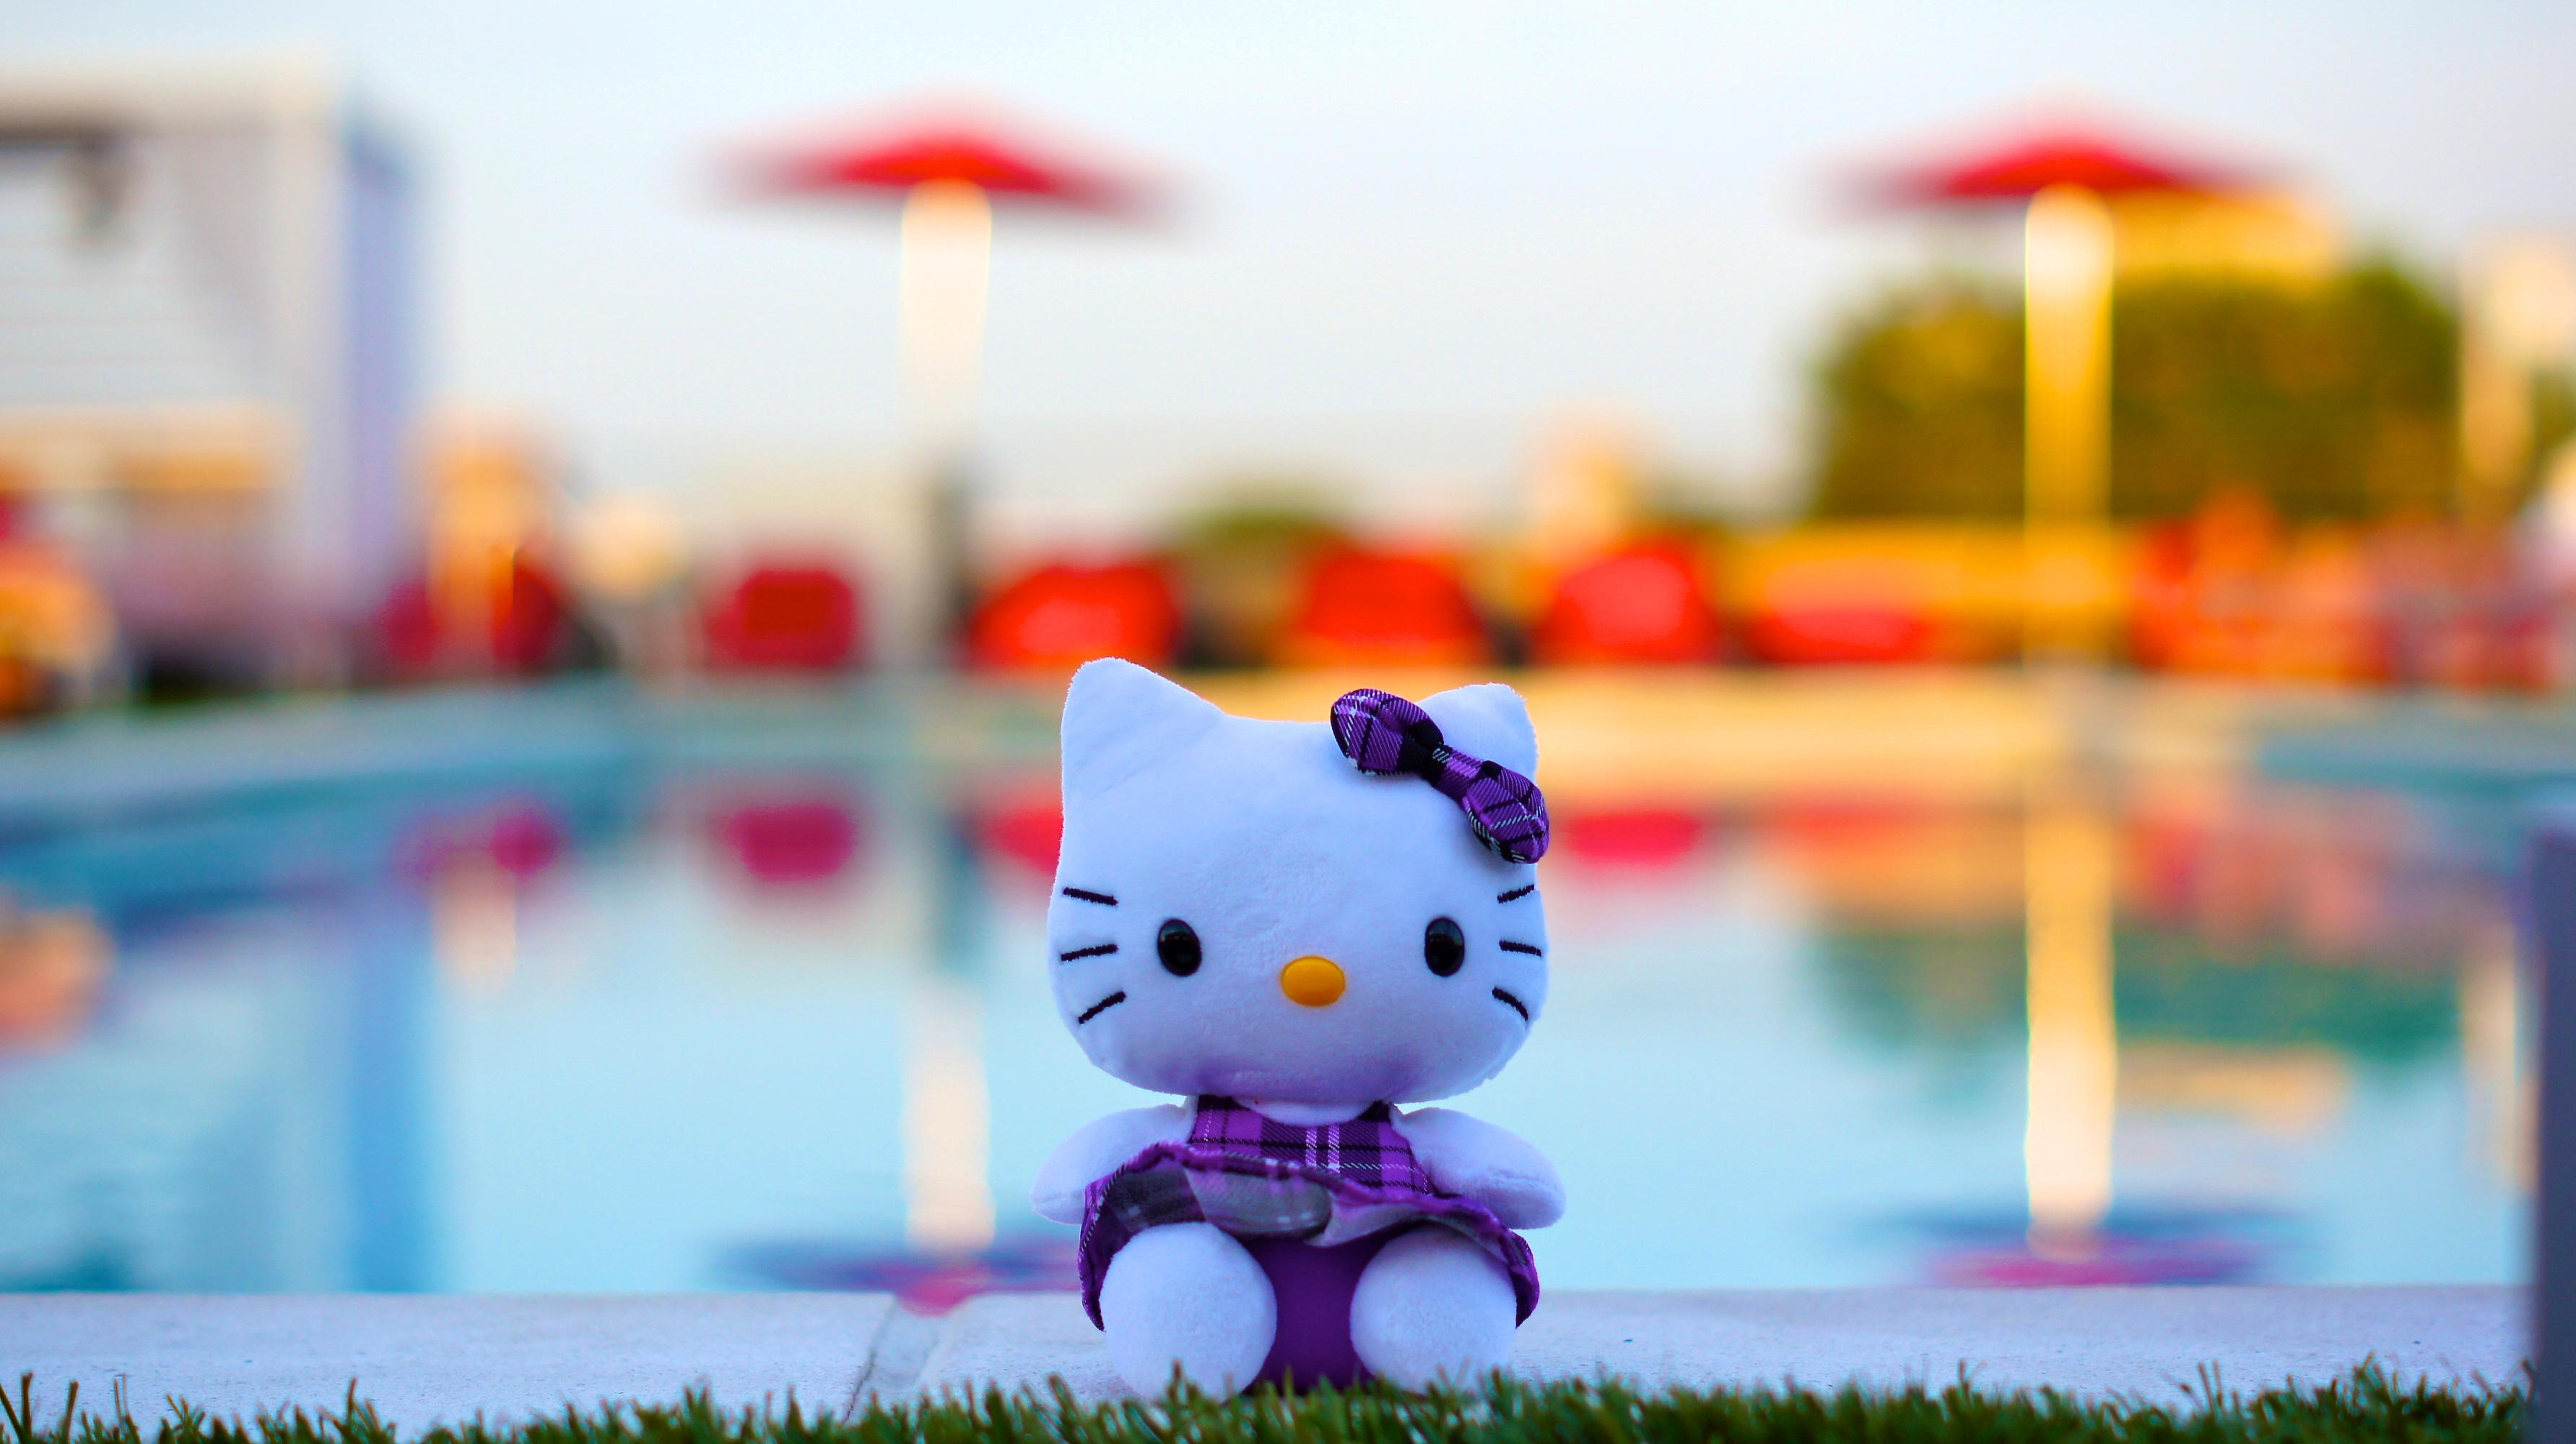 123457 Hintergrundbild herunterladen Spielzeug, Verschiedenes, Sonstige, Kätzchen, Nett, Schatz, Bogen - Bildschirmschoner und Bilder kostenlos